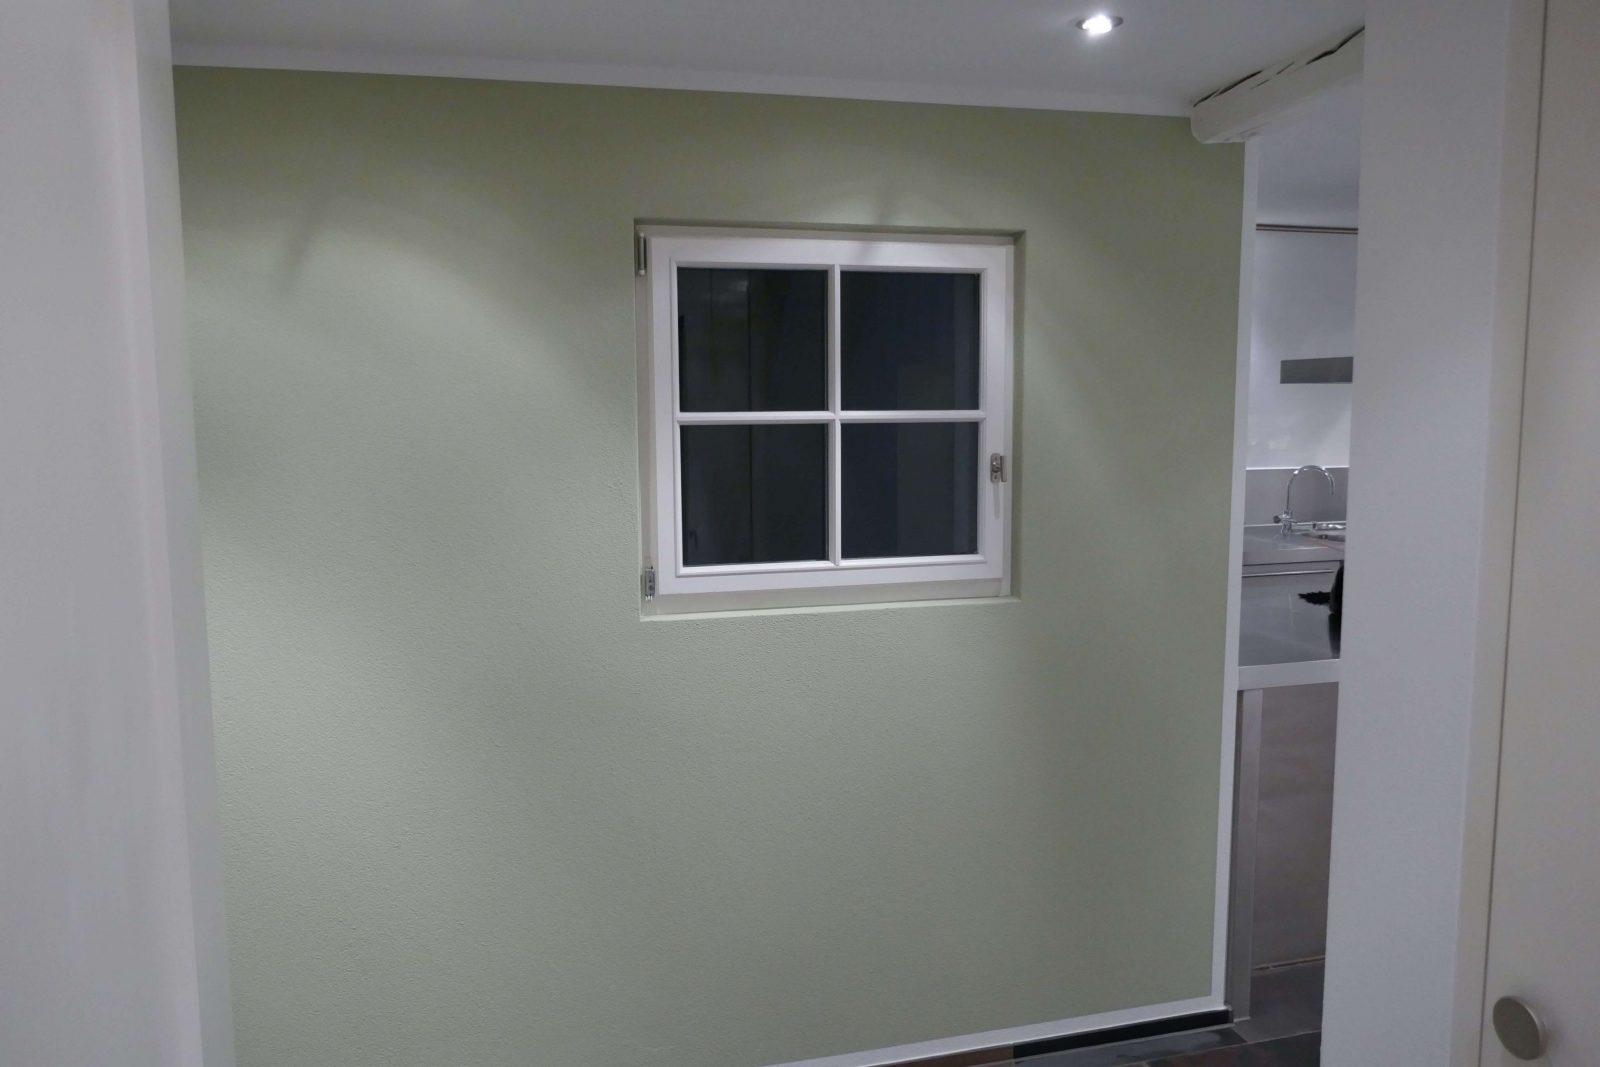 tueren streichen kosten t r streichen anleitung in schritten holzfenster streichen kosten. Black Bedroom Furniture Sets. Home Design Ideas